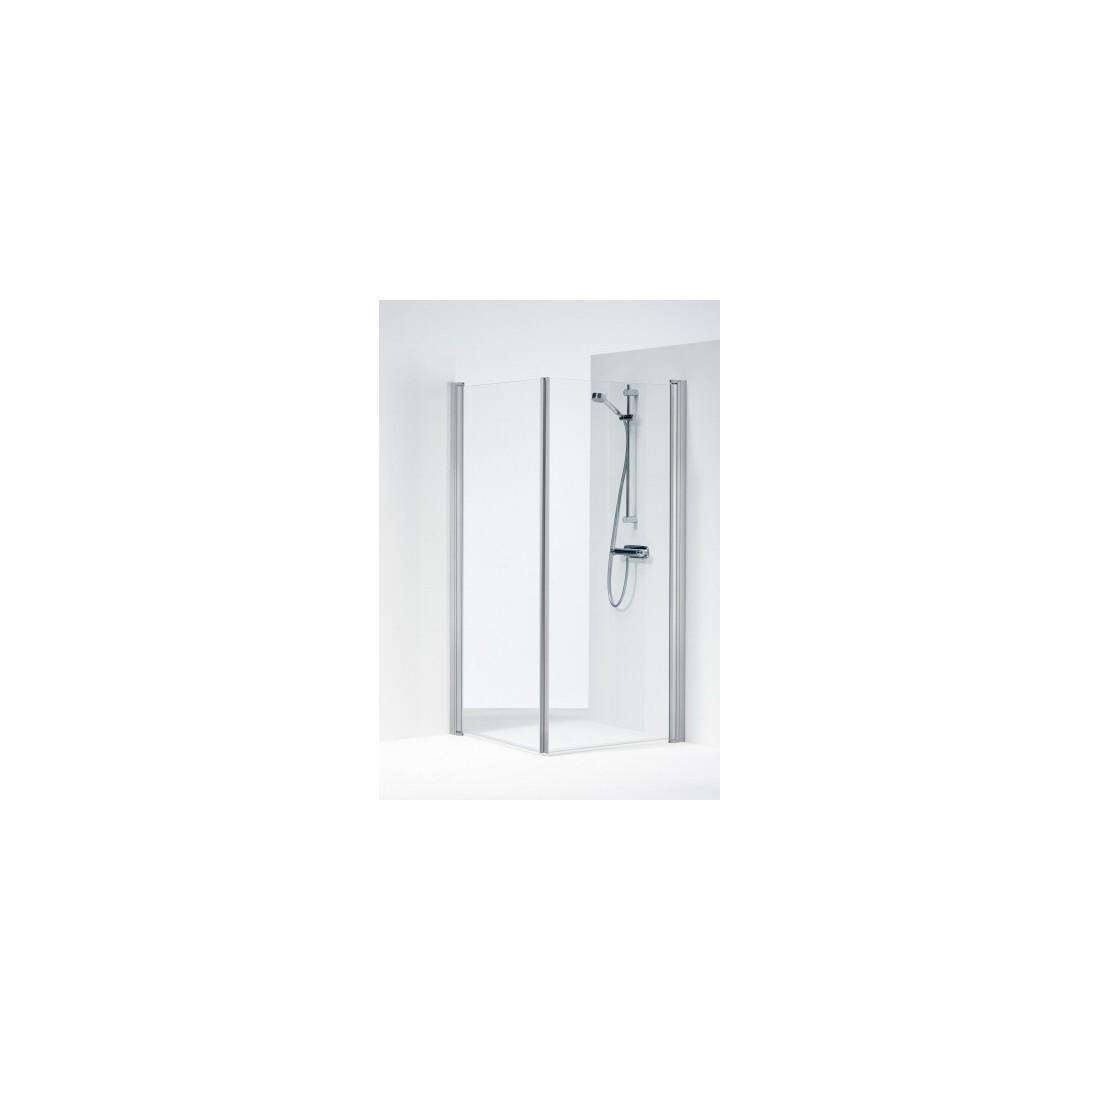 SPACE 2000 tiesios dušo kabinos durelės 80x190 cm, aliuminio sp. profilis, skaidrus 6mm stiklas SPNK 800